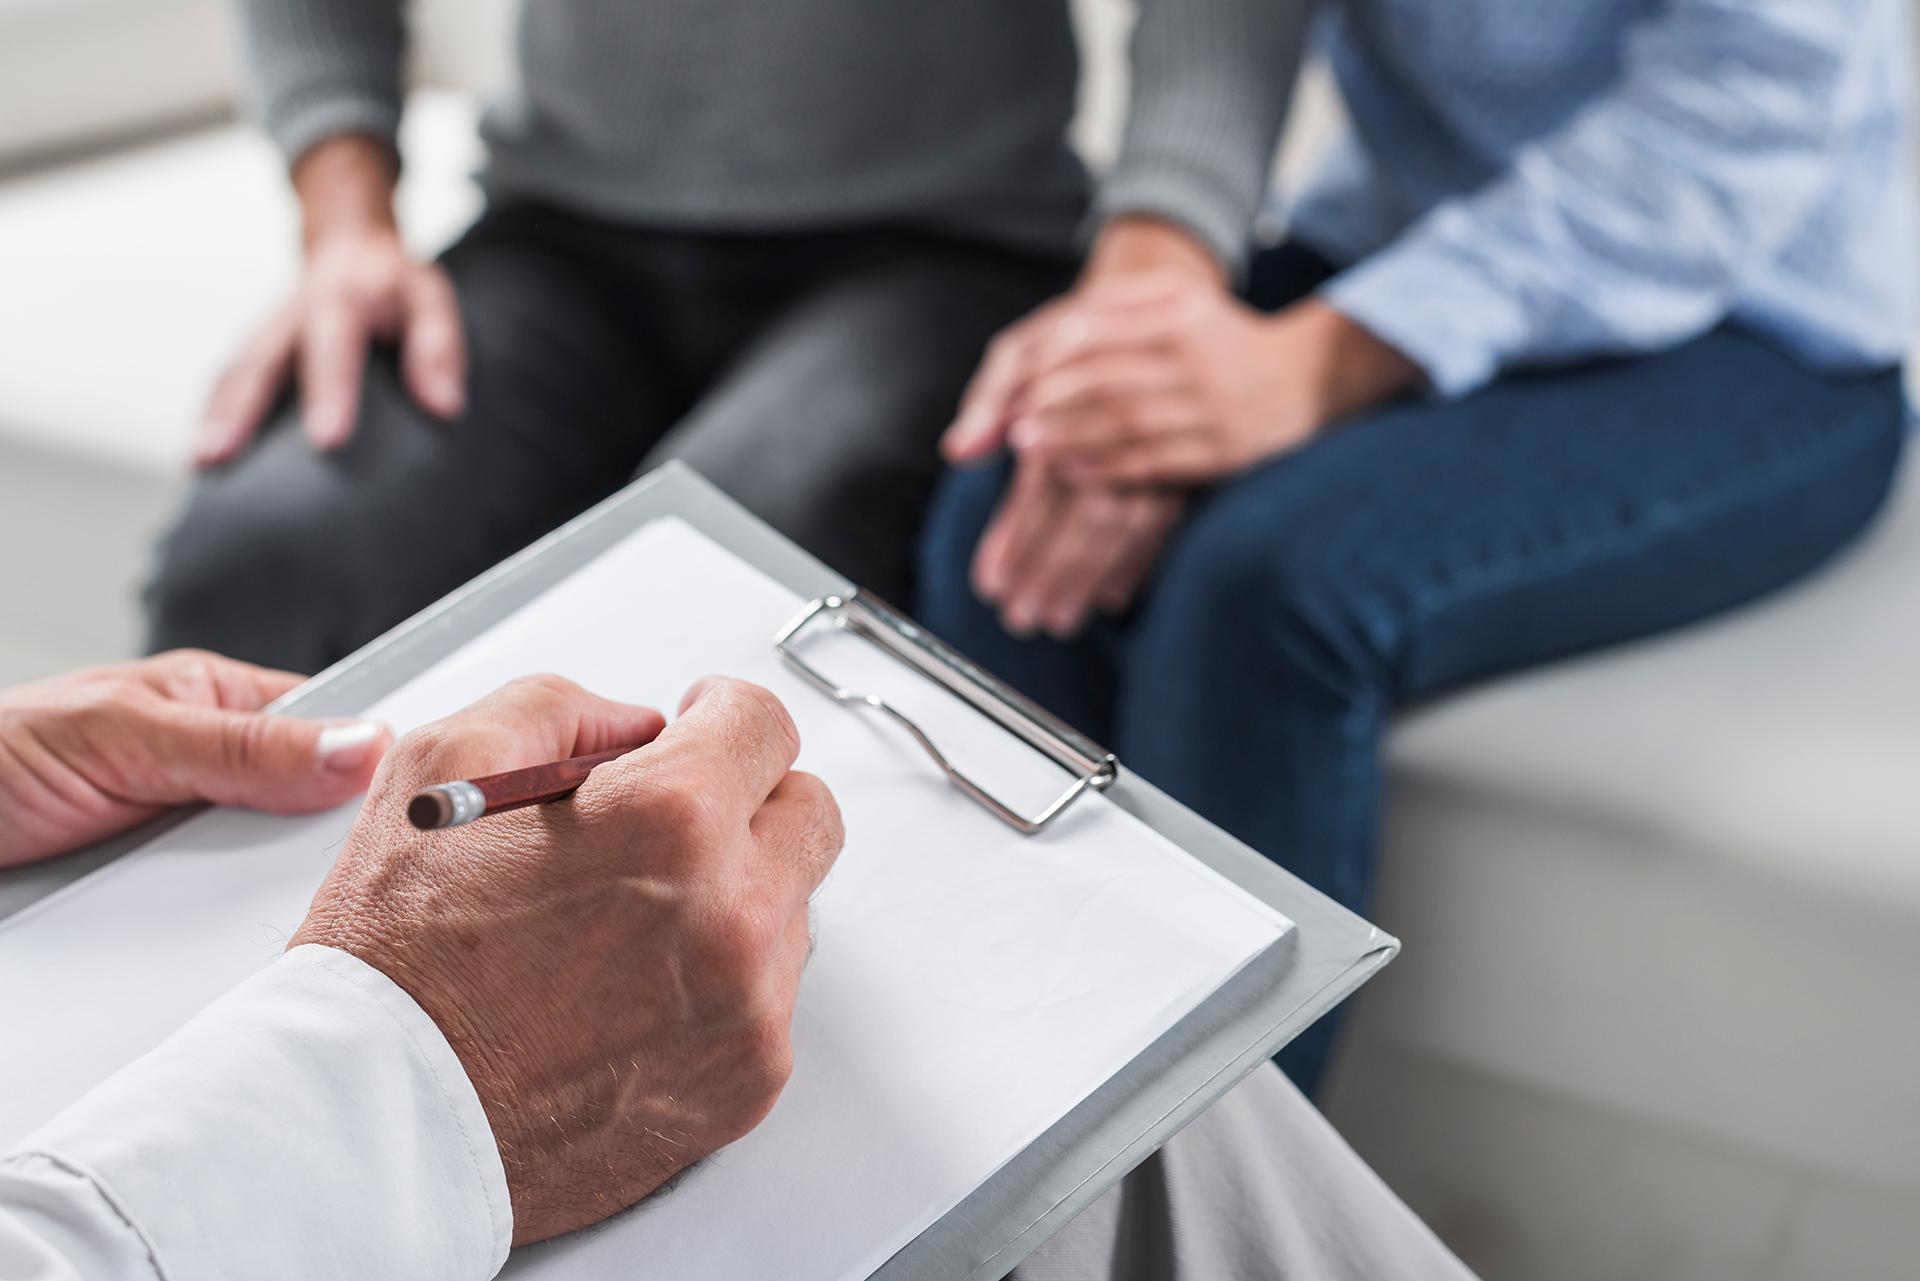 centro de tratamiento de adicciones en valencia expertos en psicología